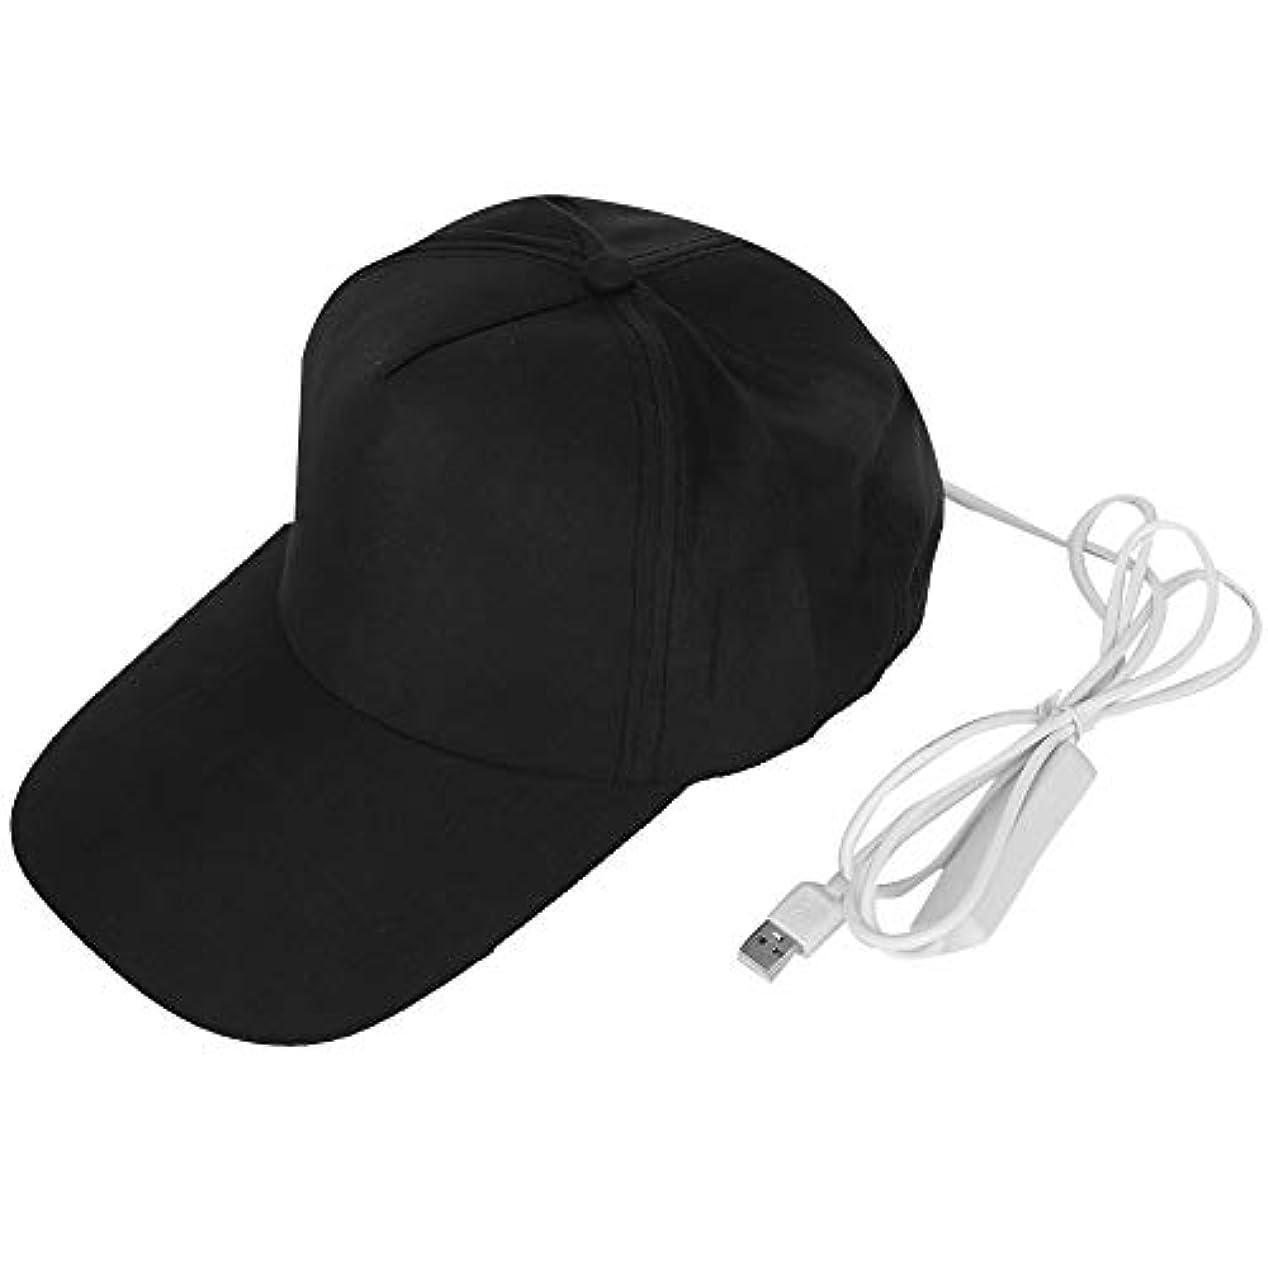 ひねりそっとつまらない152pcs軽い破片の毛の成長の反毛の帽子